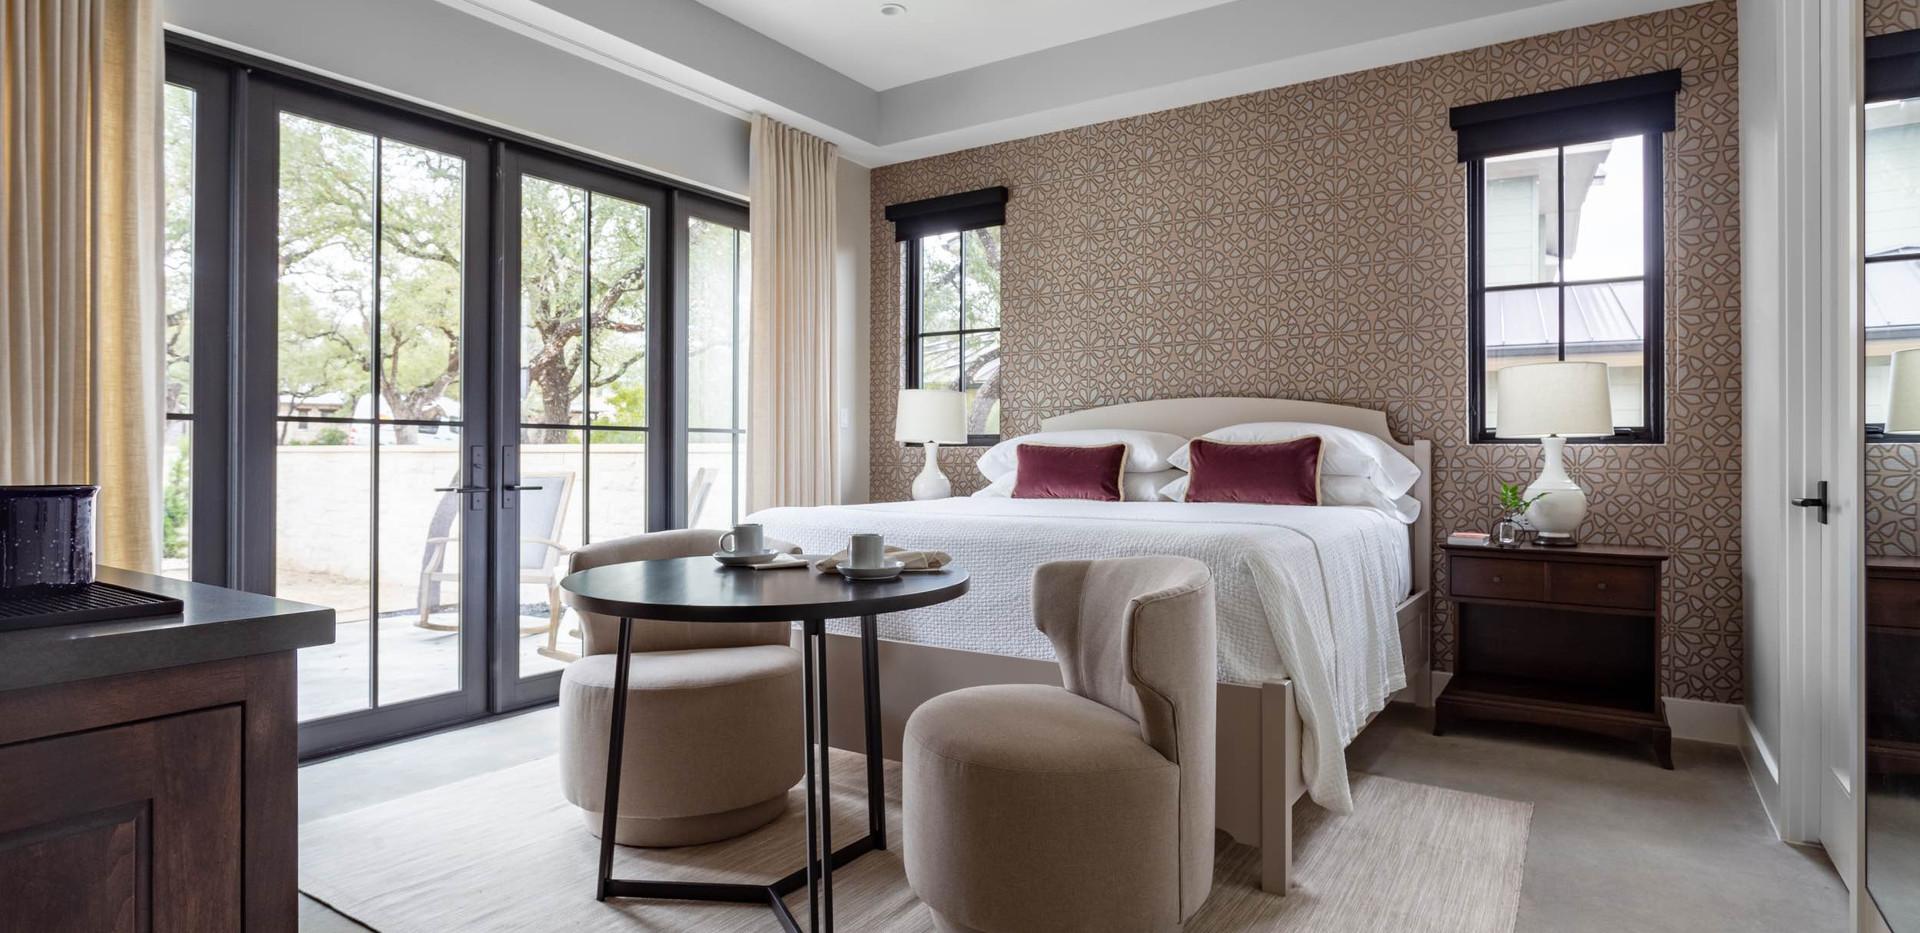 Contemporar farmhouse Guest Suite